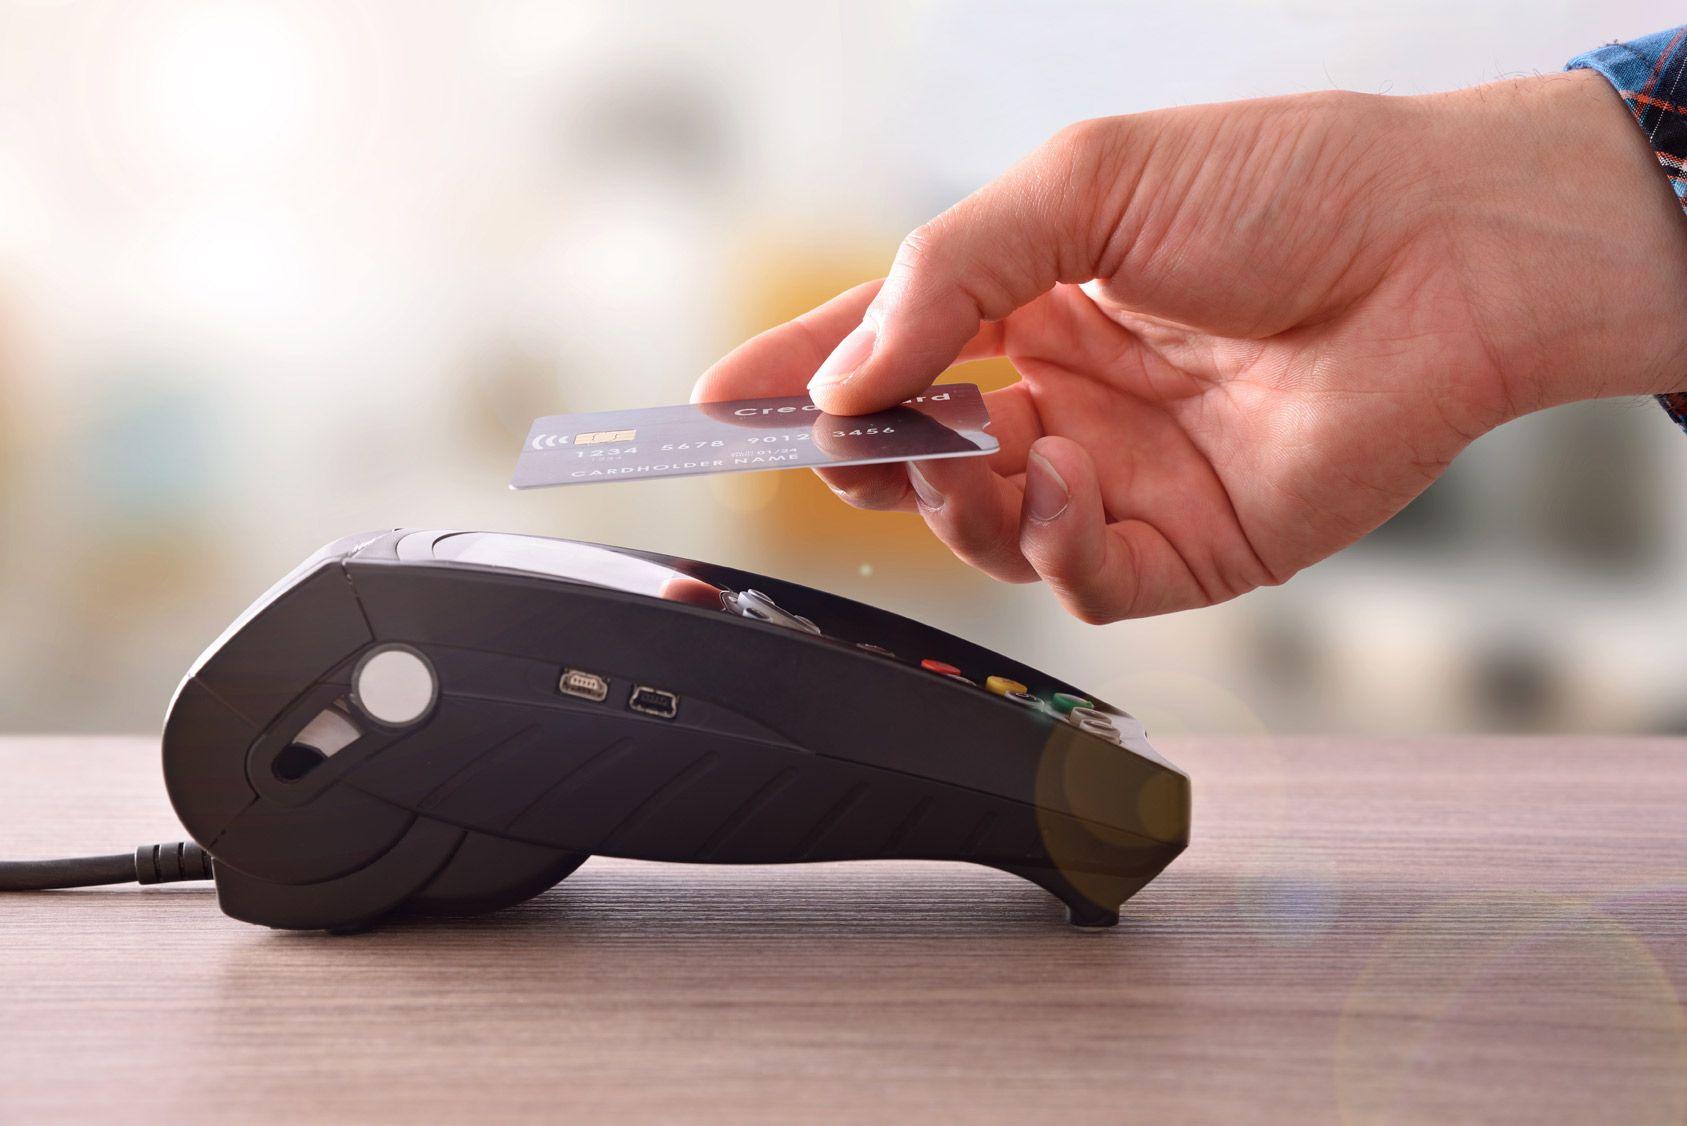 Cas pratique: ma carte de paiement sans contact a été piratée